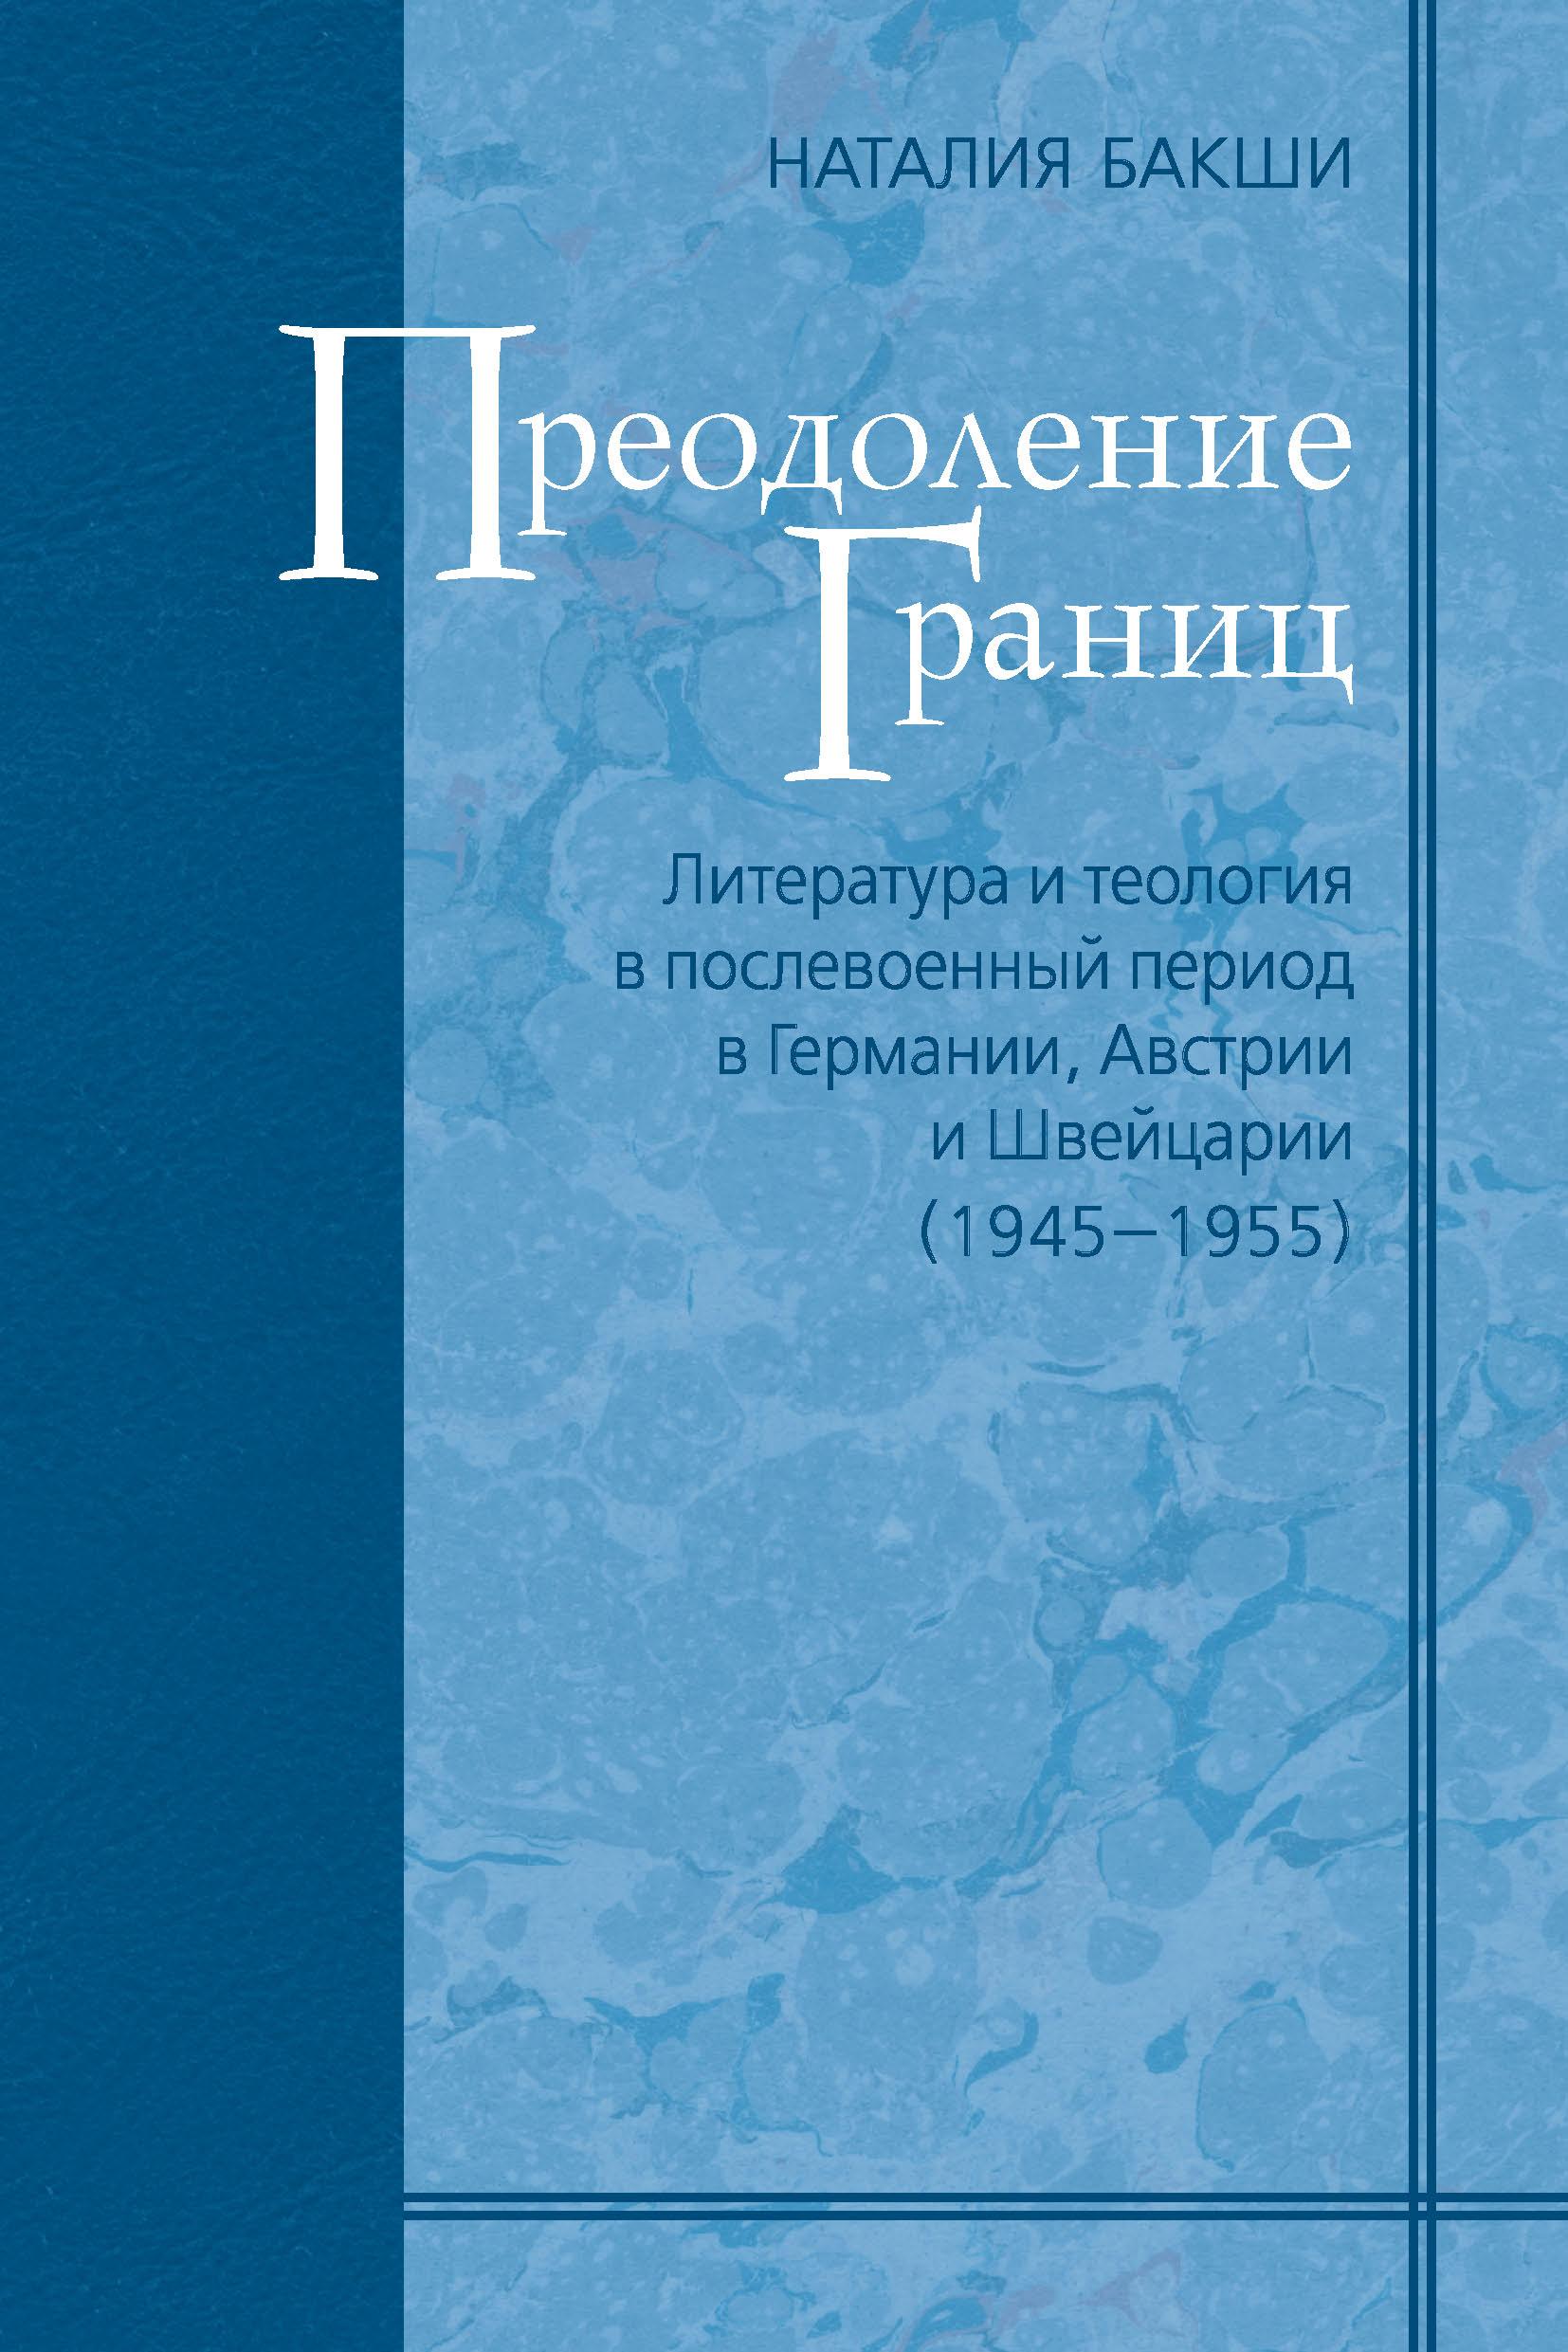 Н. А. Бакши Преодоление границ. Литература и теология в послевоенный период в Германии, Австрии и Швейцарии (1945—1955)